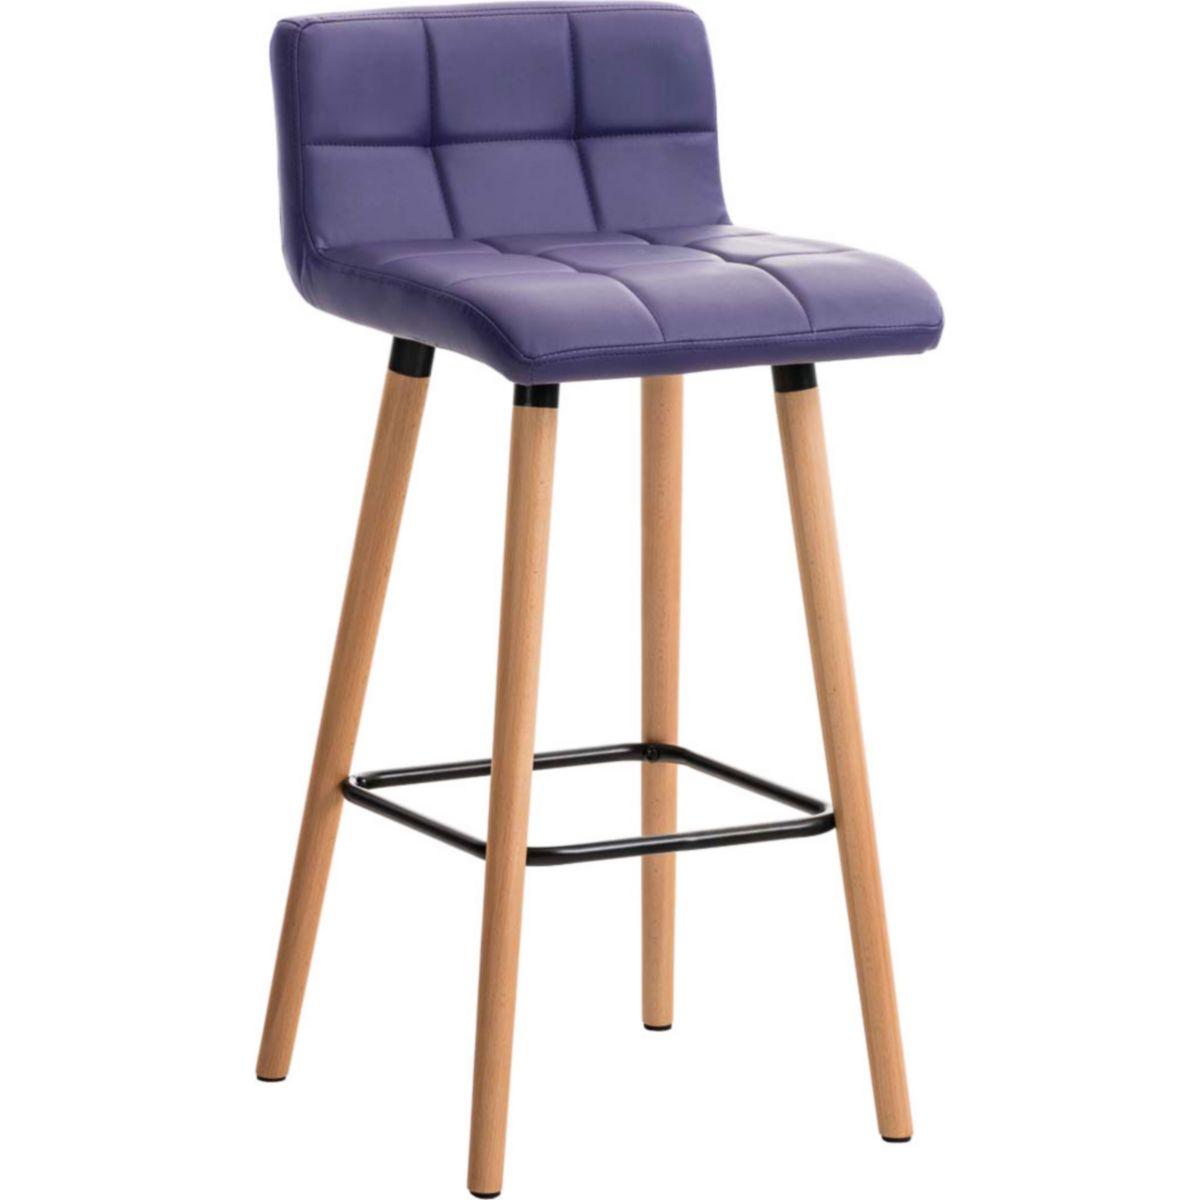 CLP Barhocker LINCOLN mit Kunstlederbezug und Holzgestell I Thekenhocker Rückenlehne Fußstütze Gepolsterter Barstuhl einer Sitzhöhe von 75 cm 4251380415526 blauer-urlaub.de